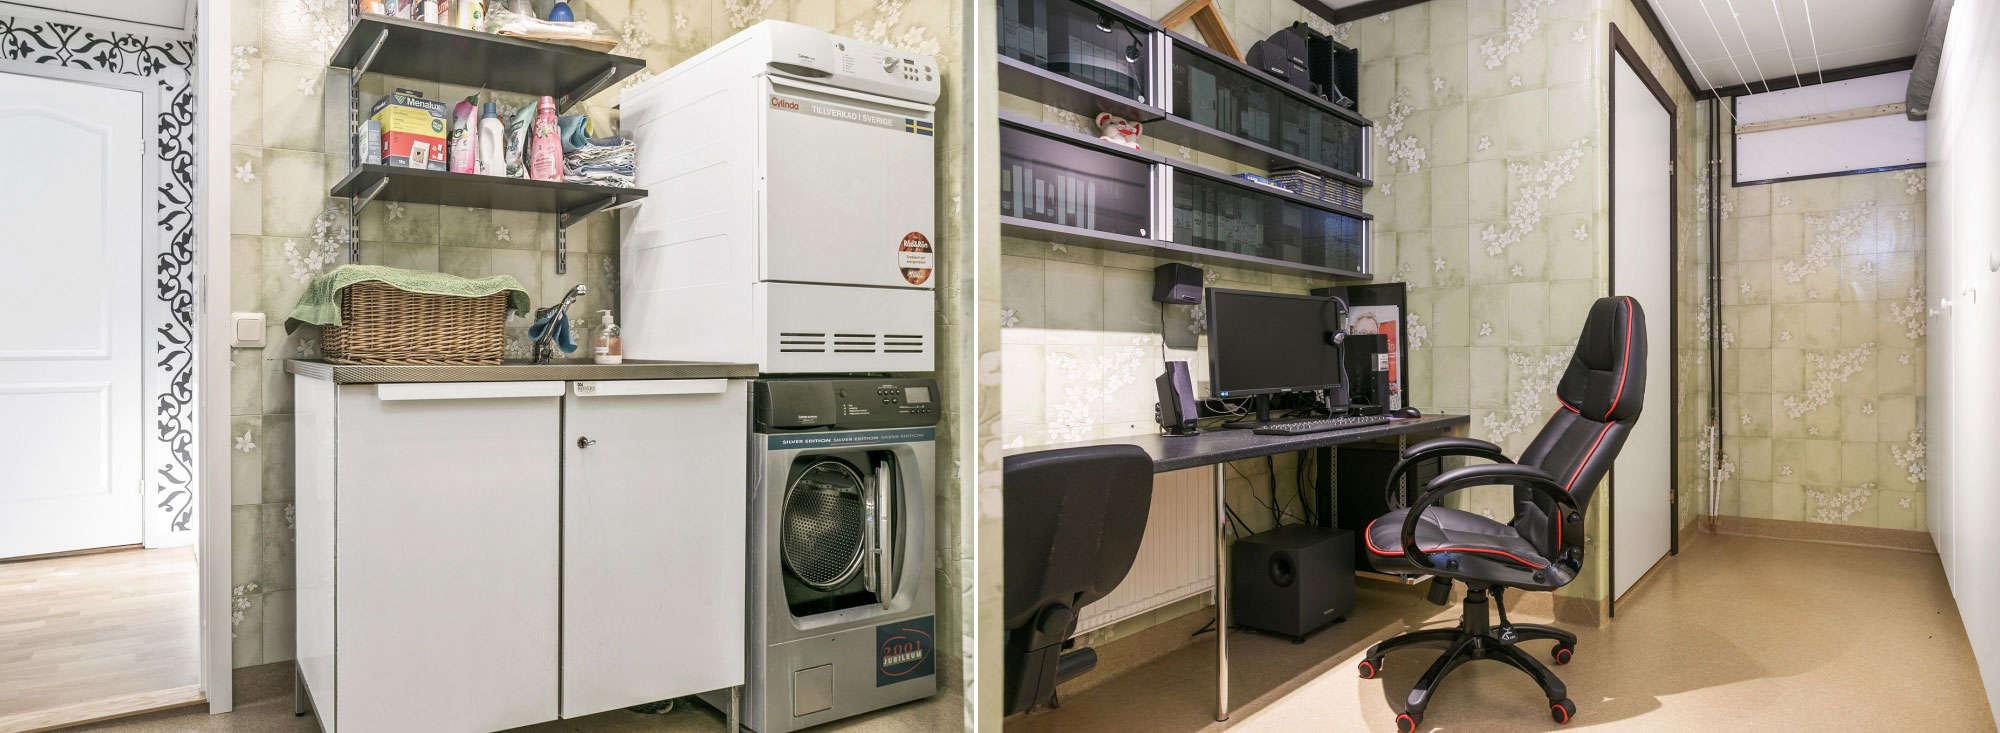 Förebilder på hur tvättstugan ser ut innan renovering.